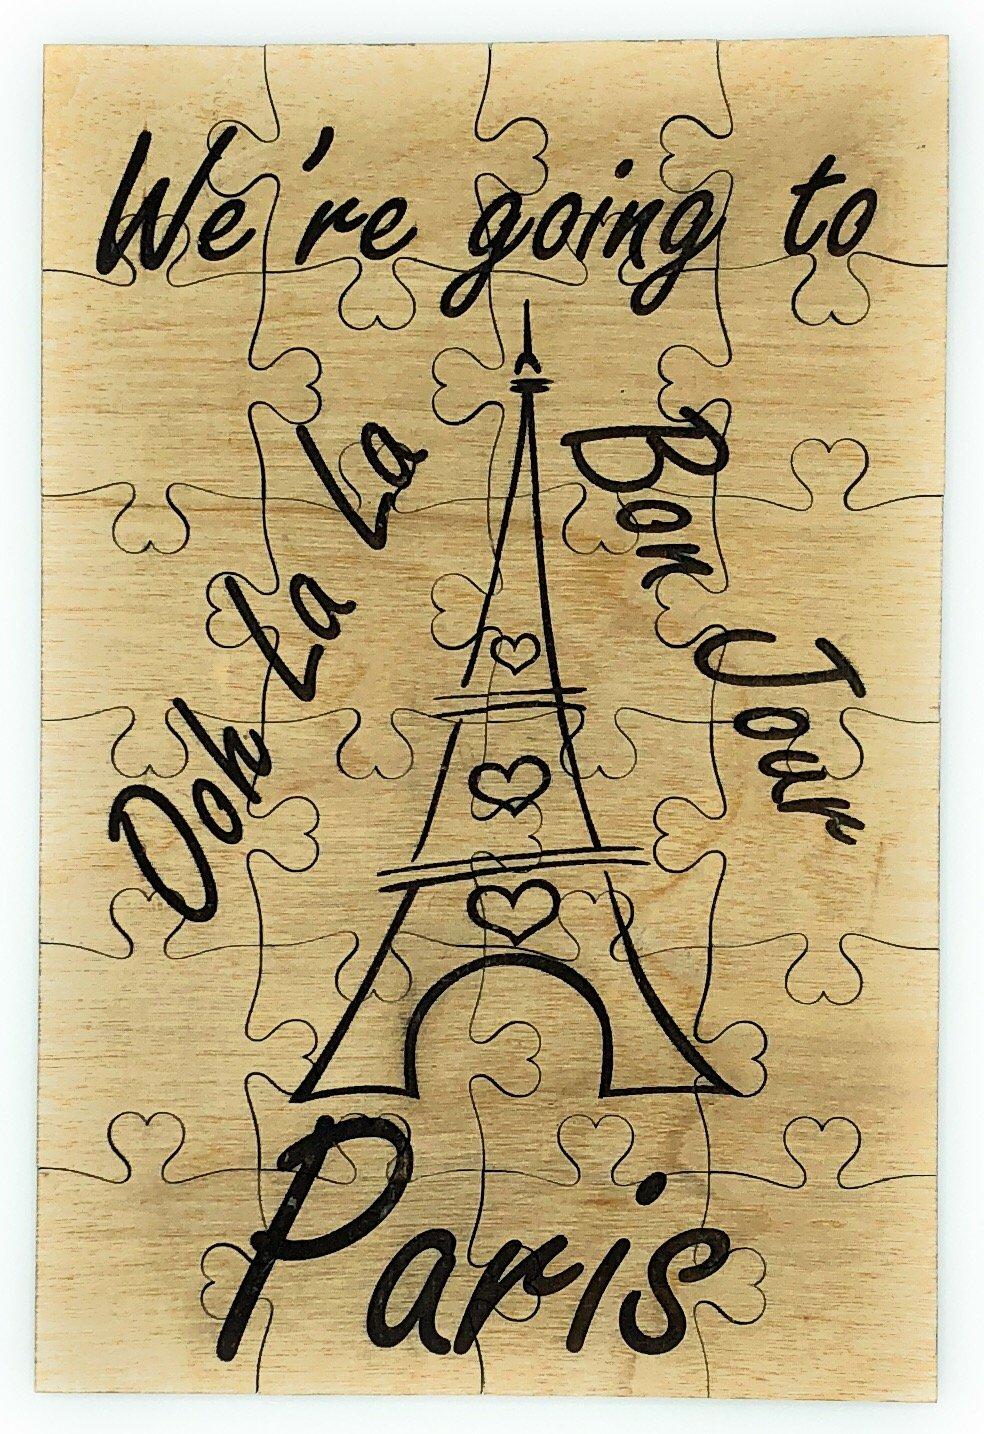 【超新作】 私たちはパリにパズル24ピース木製結婚ハネムーン記念旅行パズル発表フランスヨーロッパ B07F316NLH B07F316NLH, グレースシトラス:14cc878d --- 4x4.lt